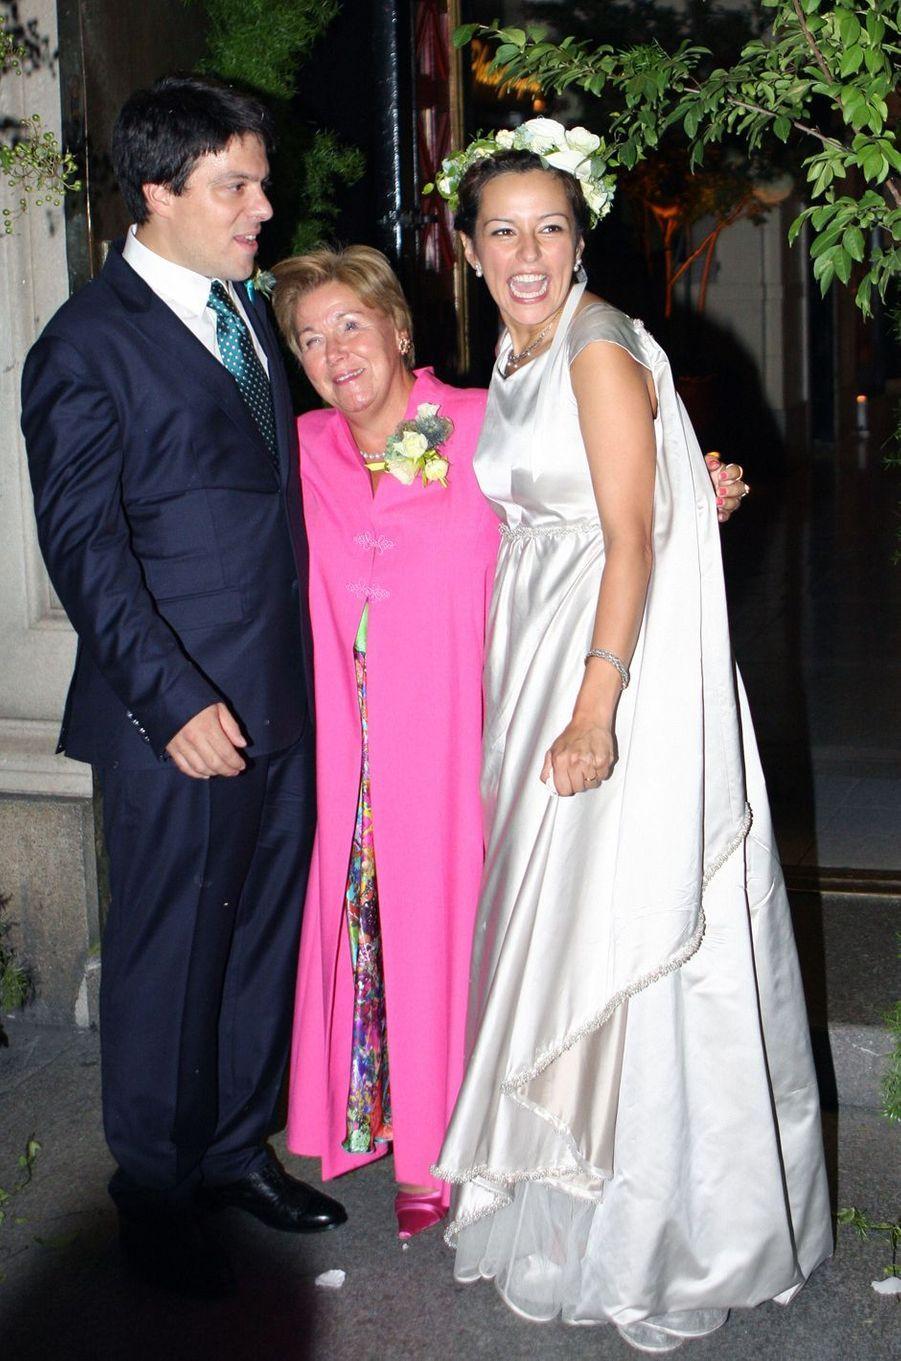 La princesse Christina des Pays-Bas au mariage de son fils Bernardo Guillermo, le 5 septembre 2009